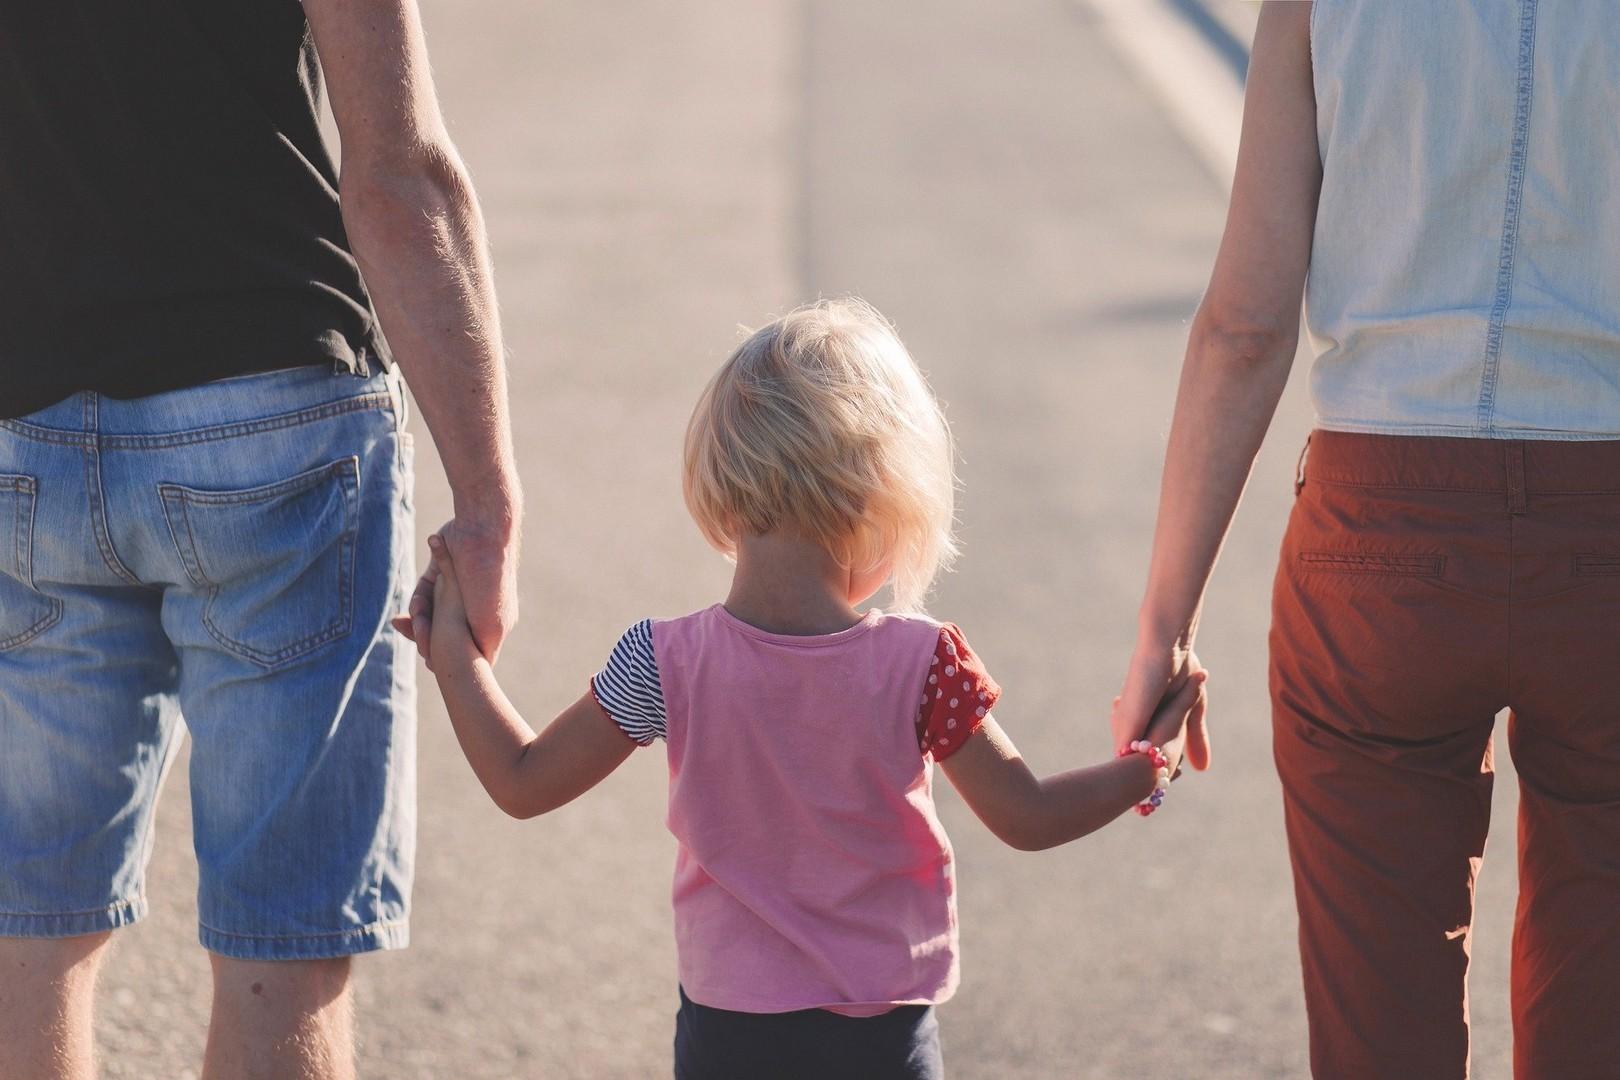 С кем остаются дети при разводе: анализ ситуации от нашего юриста